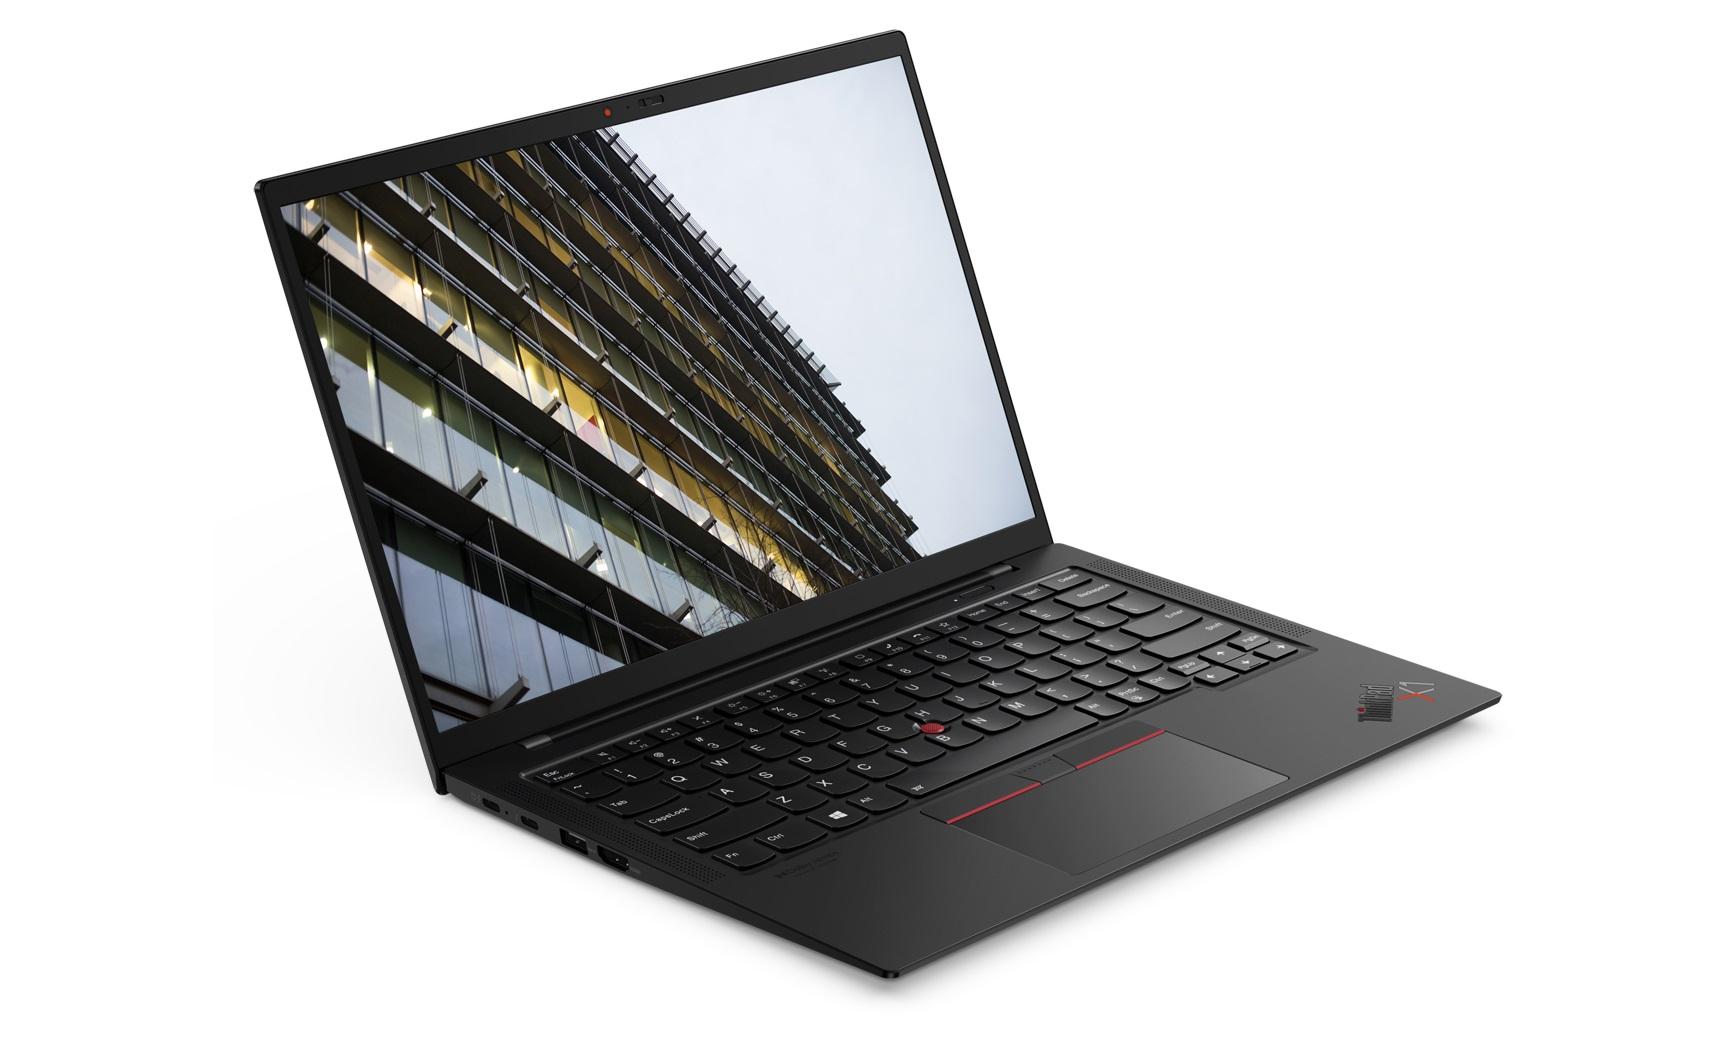 x1c202101